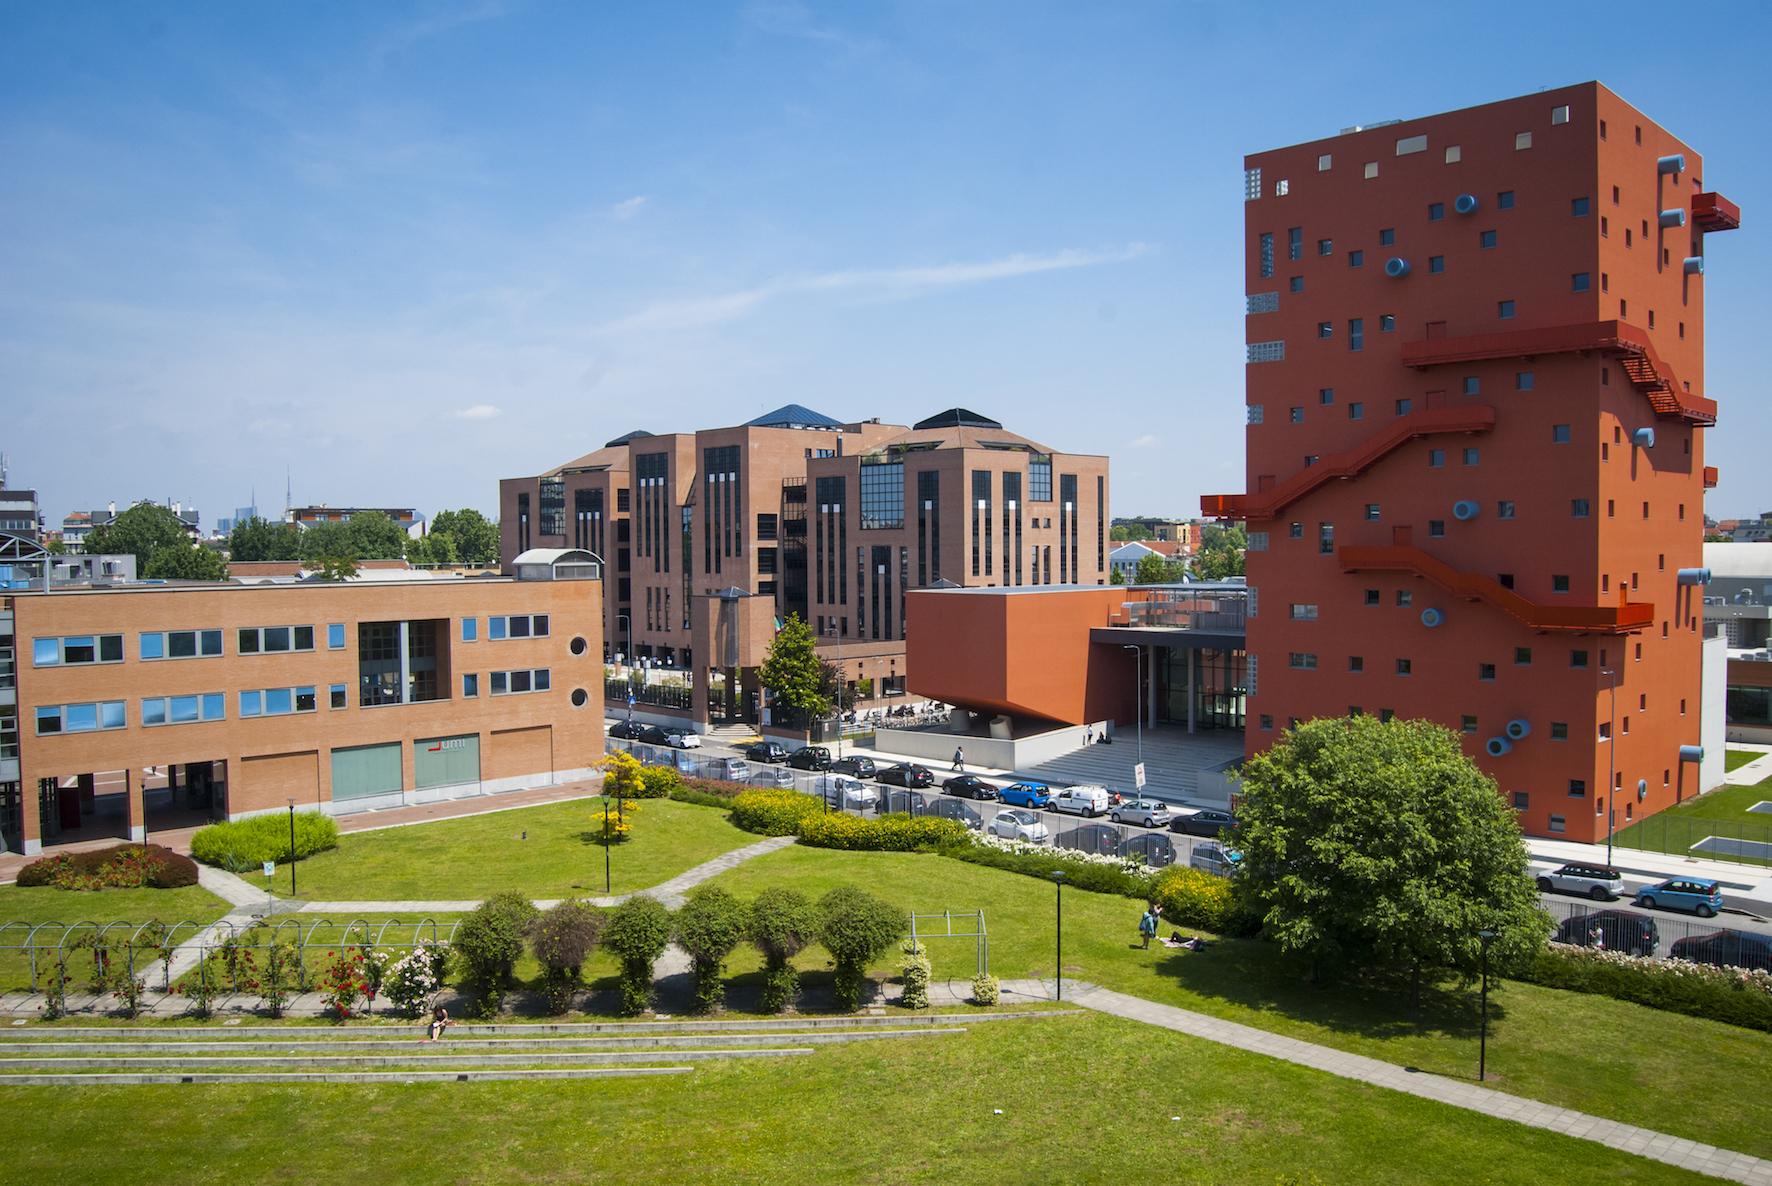 摂南大学がイタリアのIULM大学と包括協定を締結 -- 教員、学生、研究者の交流を促進させ、さらなる国際化を目指す